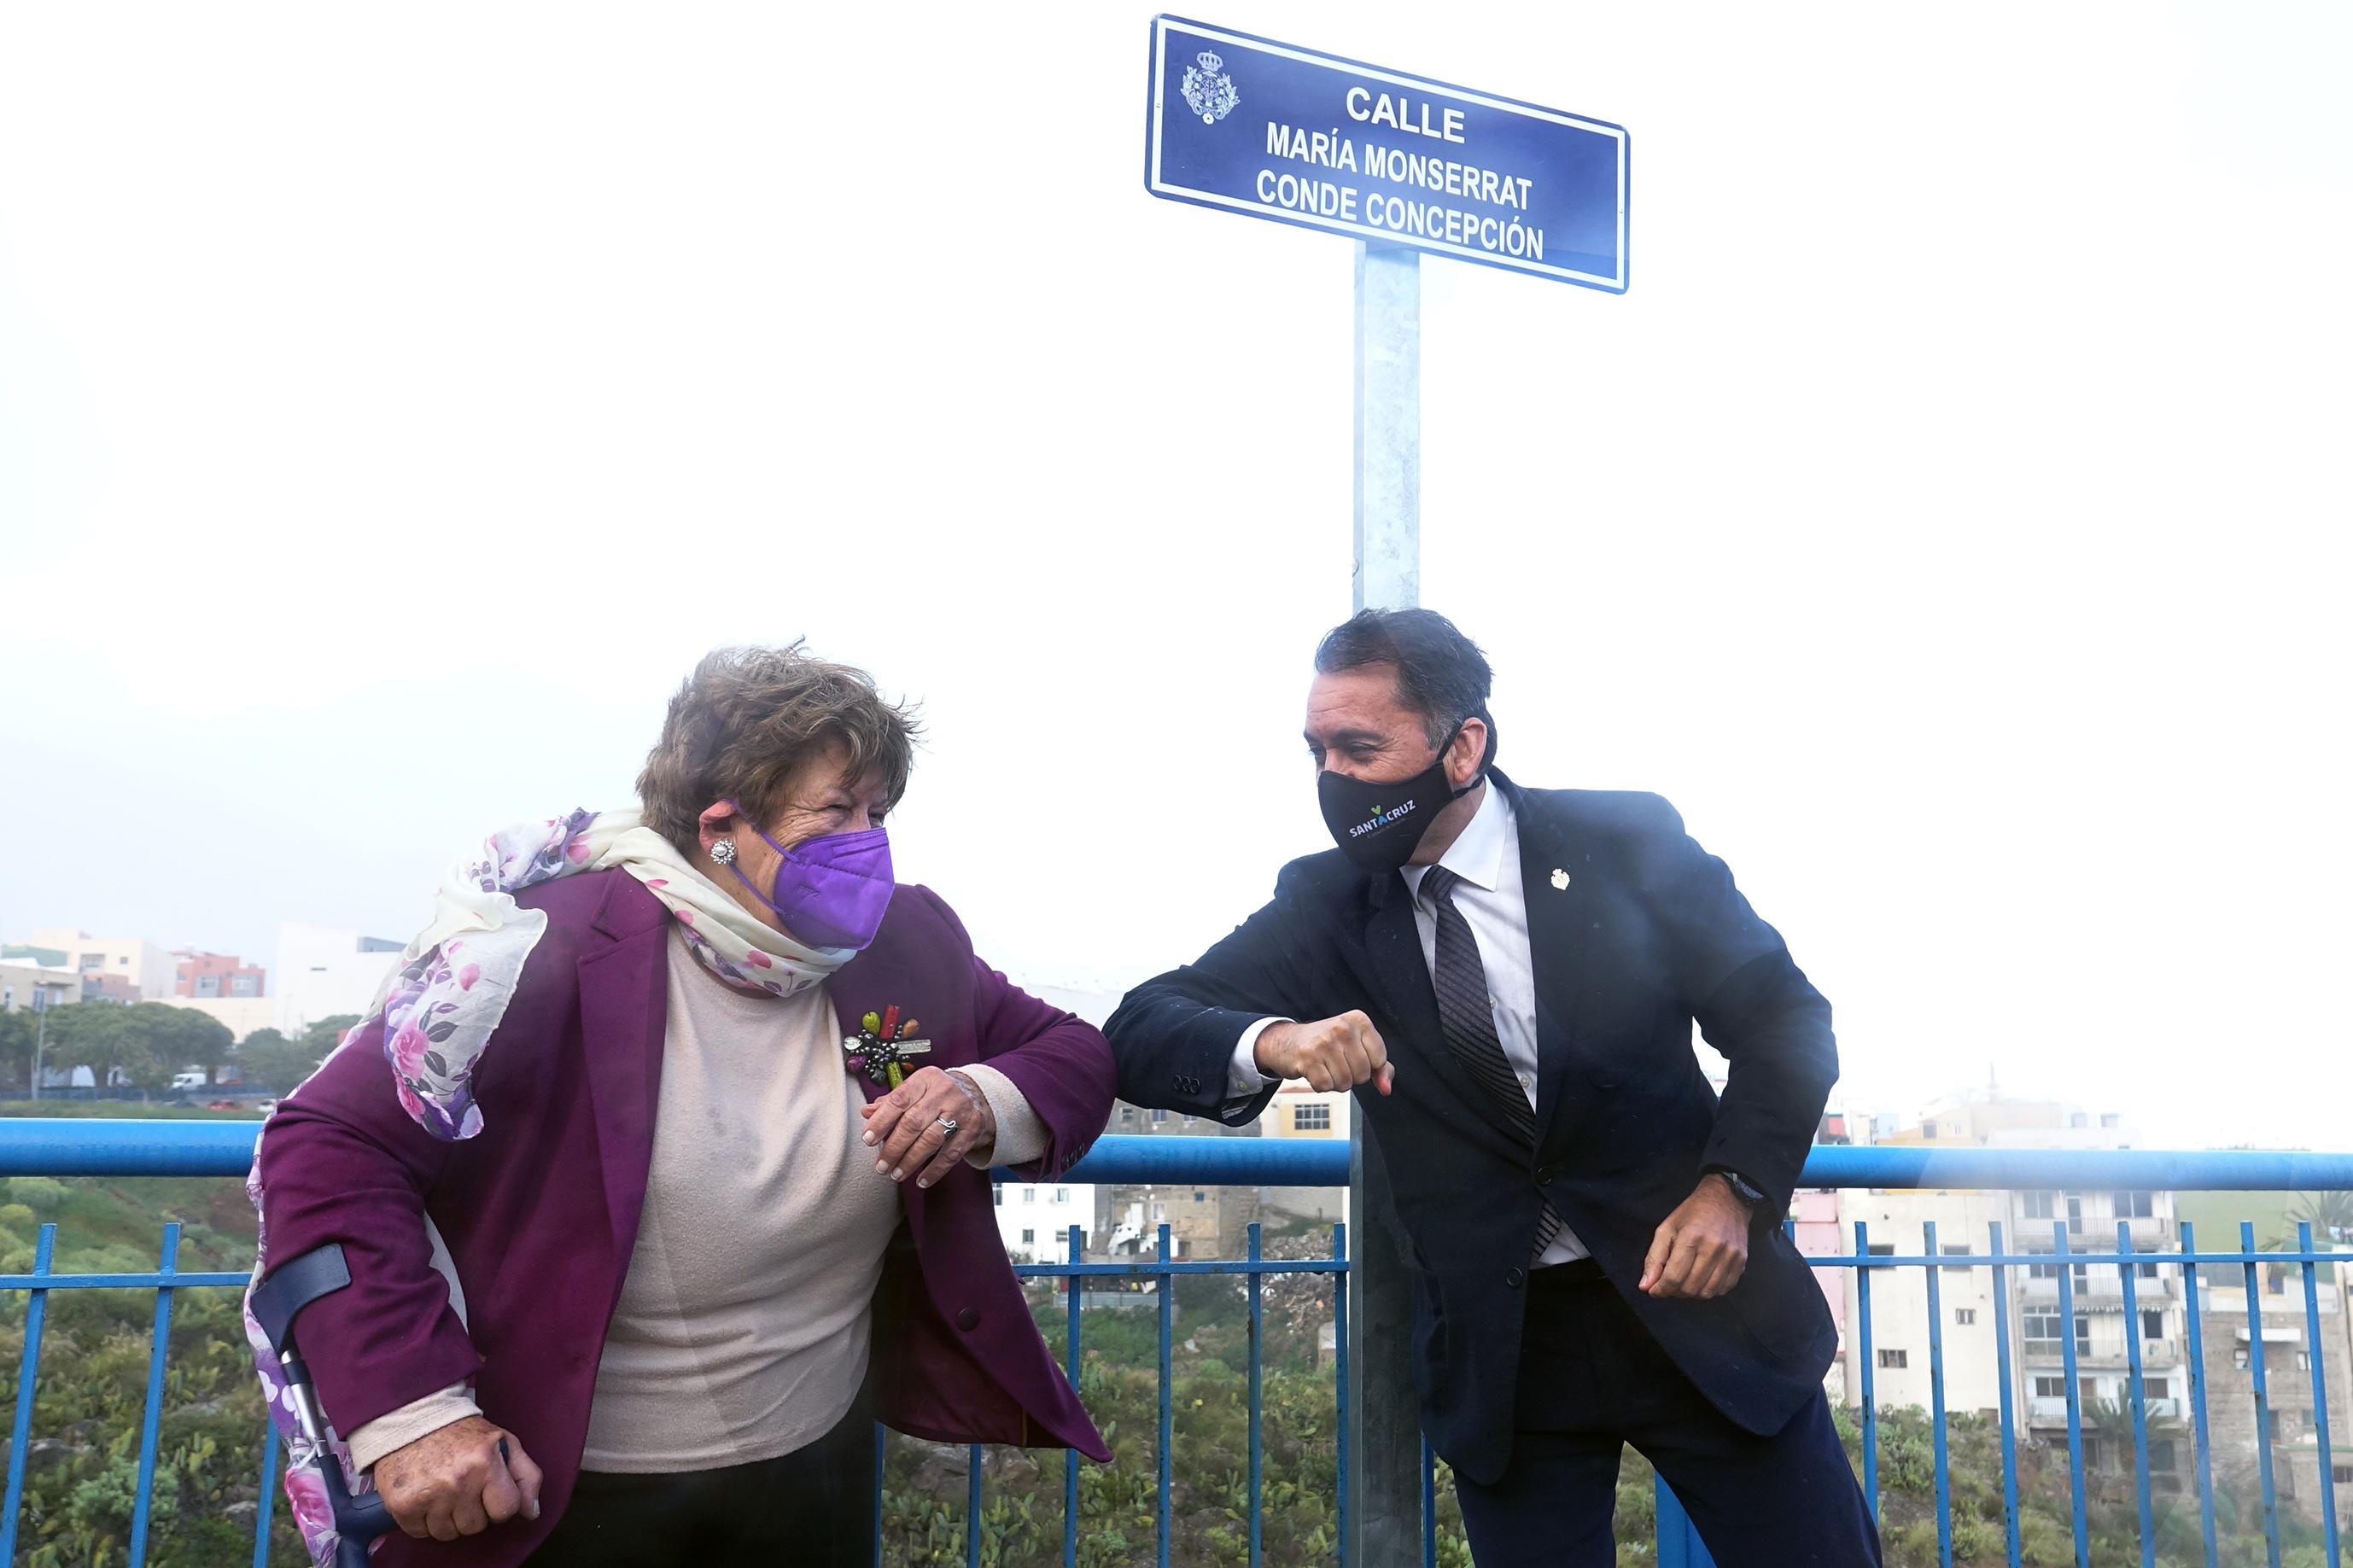 Una calle del Sobradillo (Sta. Cruz de Tenerife) lleva el nombre de Monserrat Conde / CanariasNoticias.es